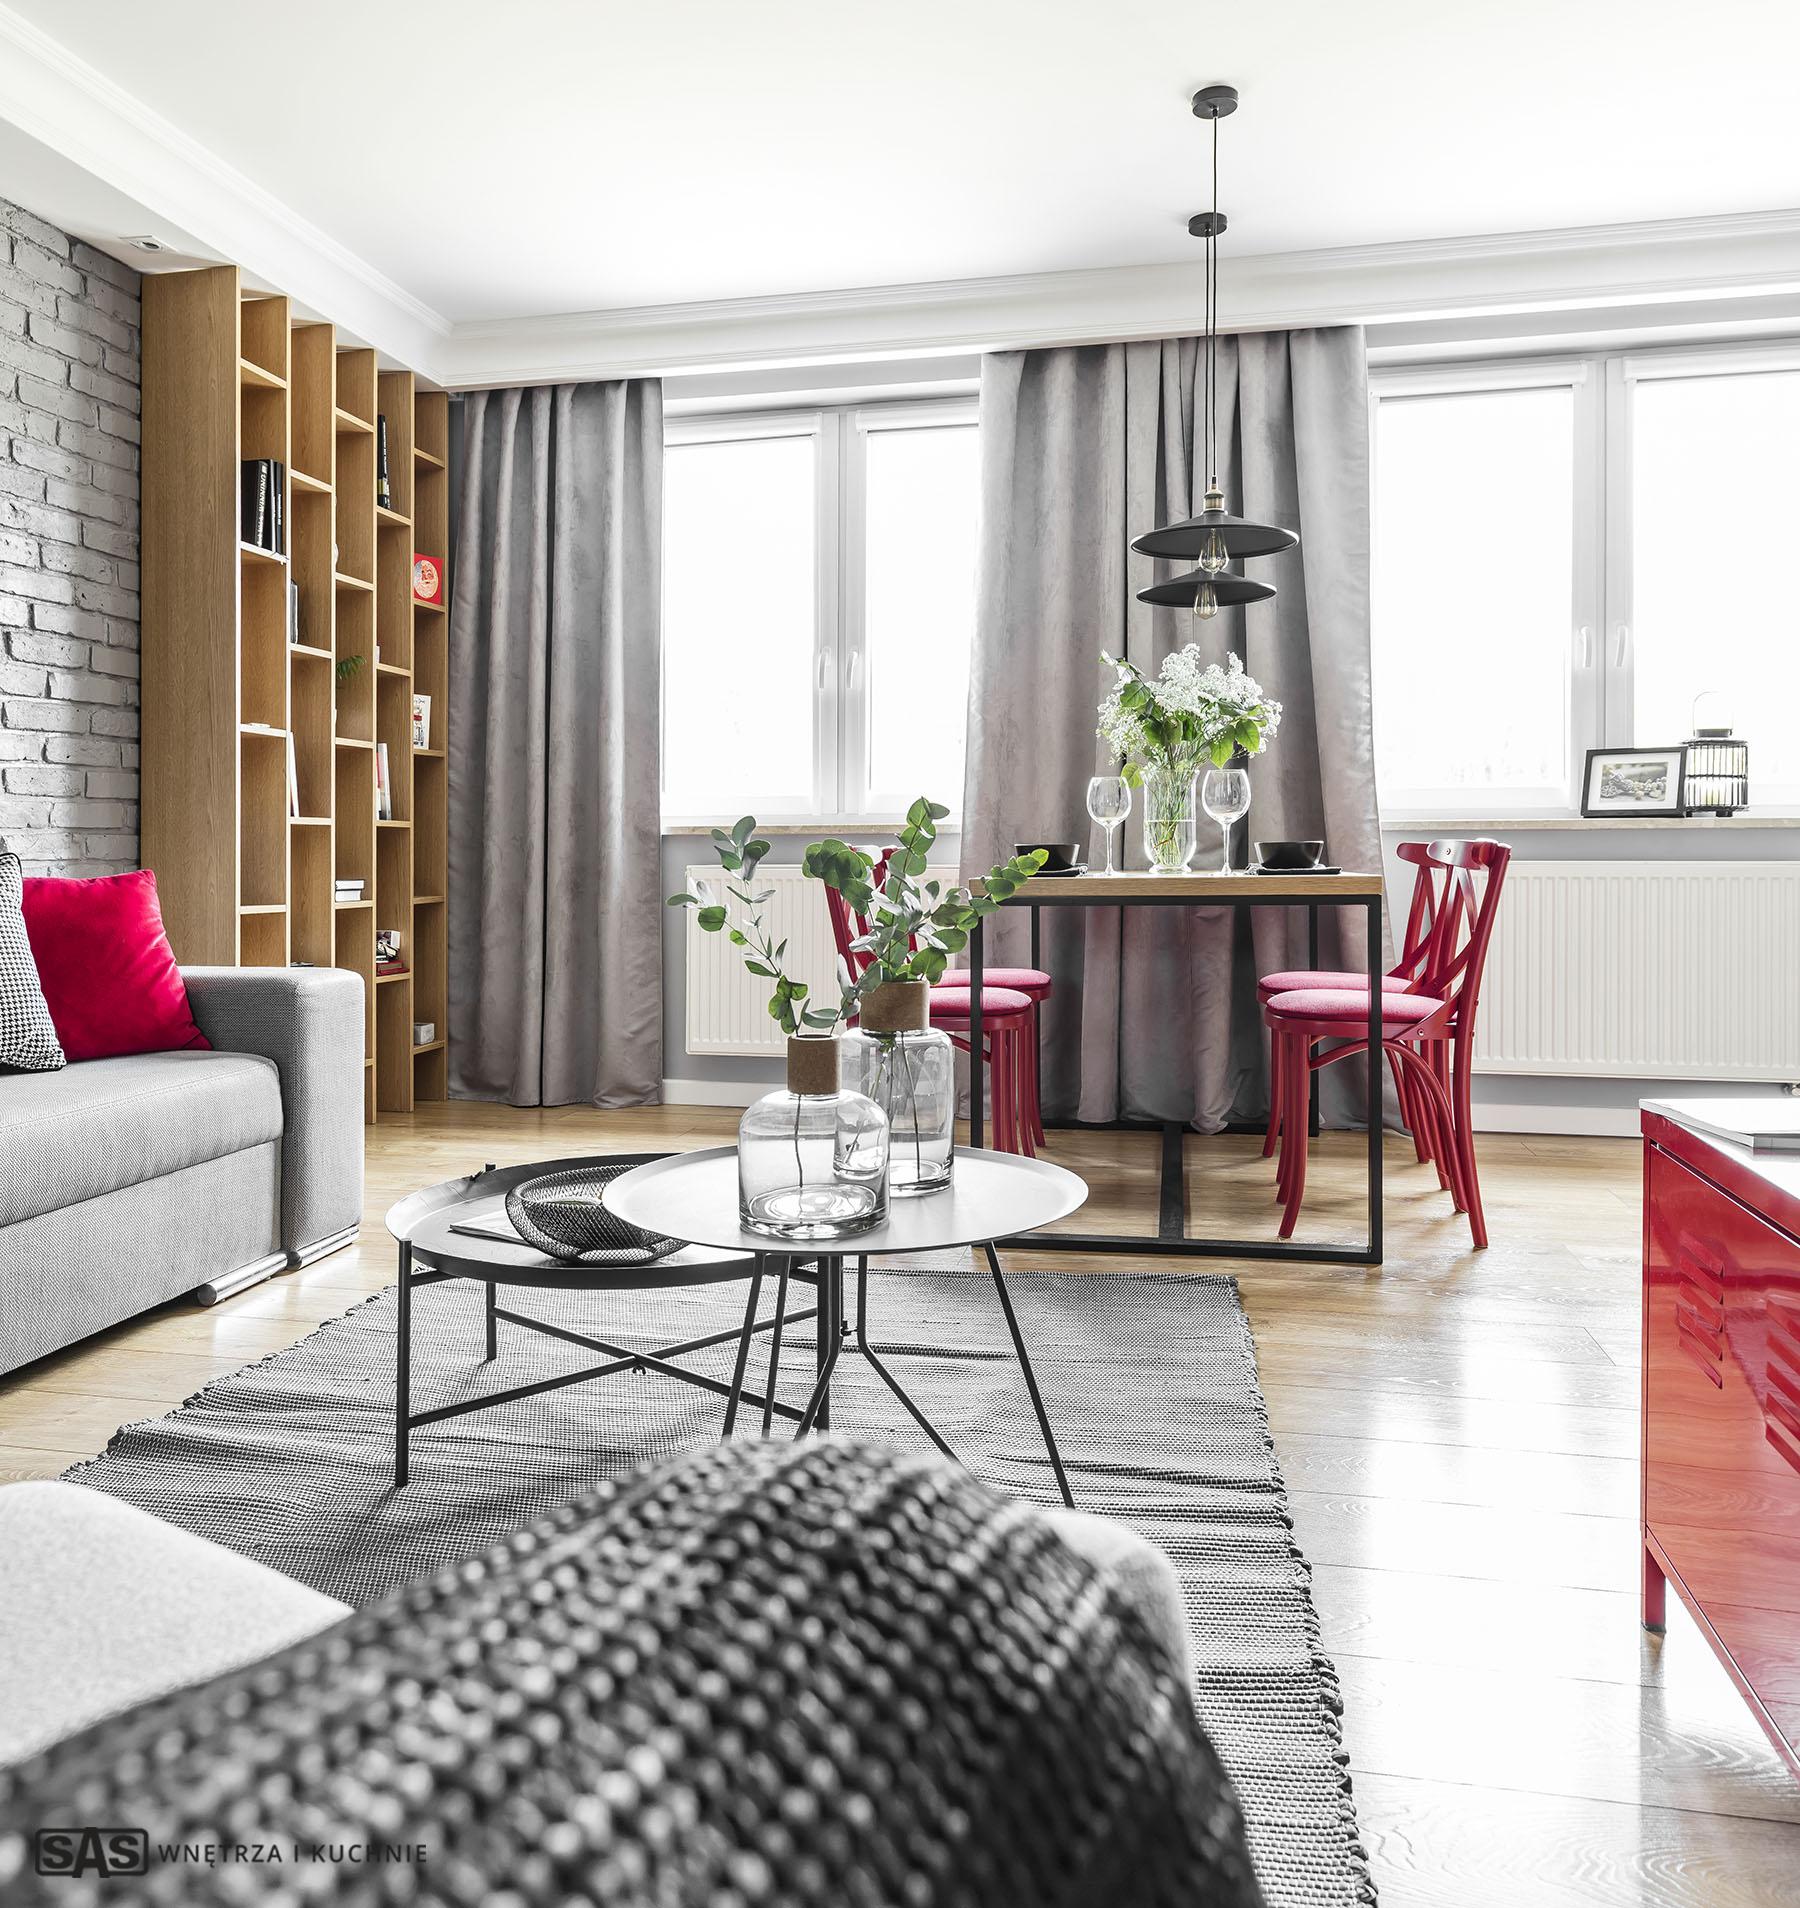 Aranżacja jadalni i pokoju dziennego - meble na wymiar wykonanie SAS Wnętrze i Kuchnie - projekt architekt wnętrz Emilia Strzempek Plasun.